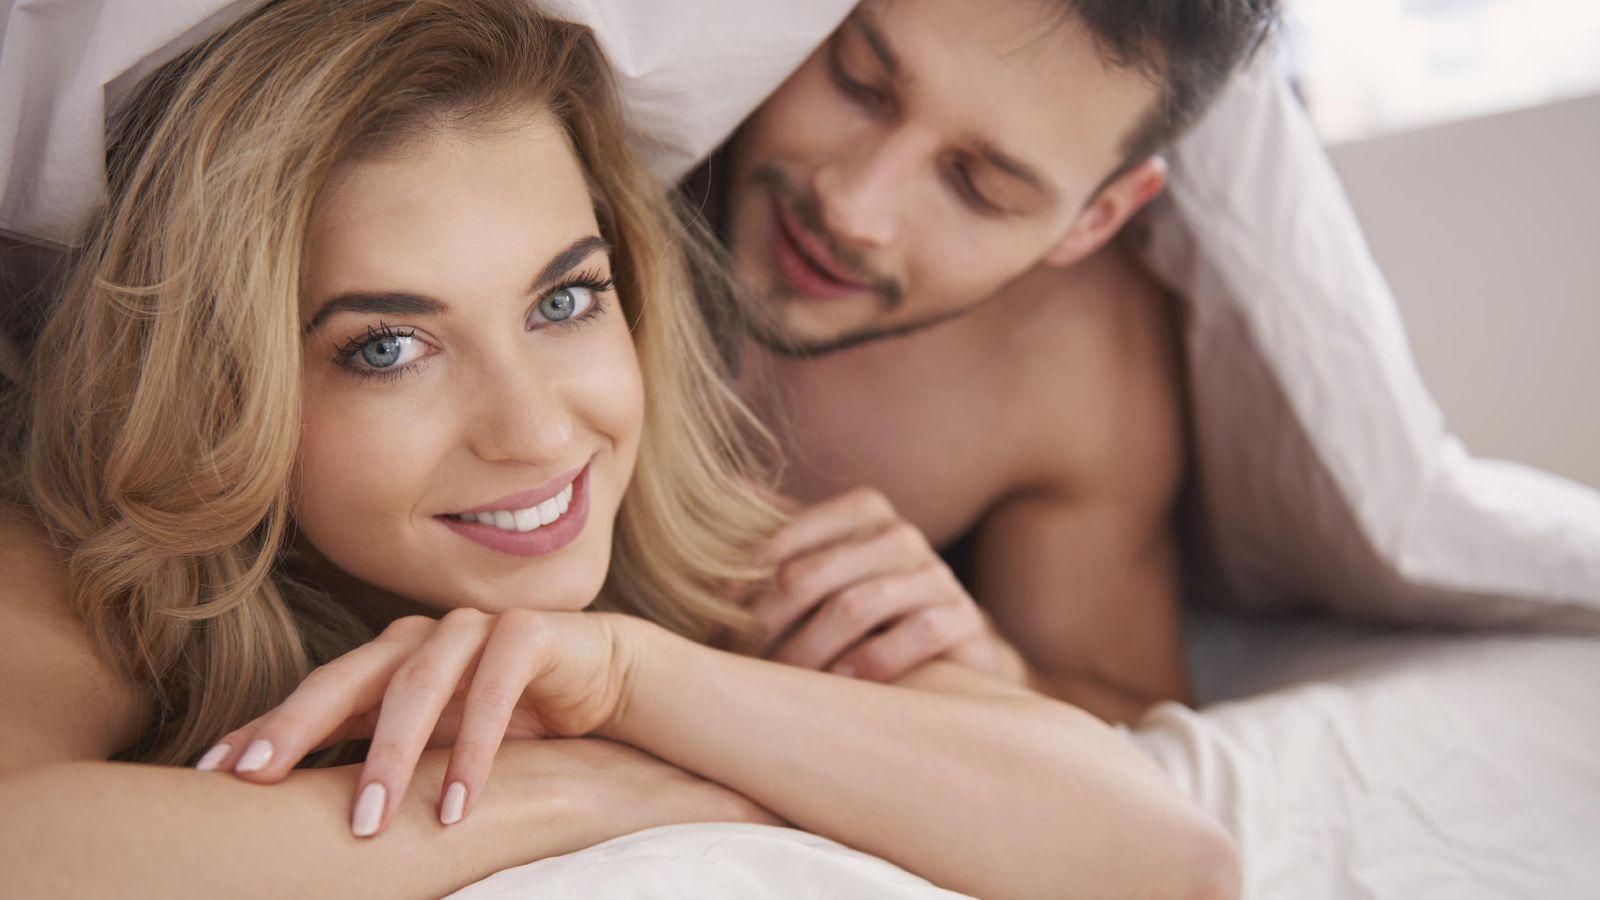 Ninas Primerizas Porno sexualidad: qué debe saber una mujer sobre sexo para sacarle